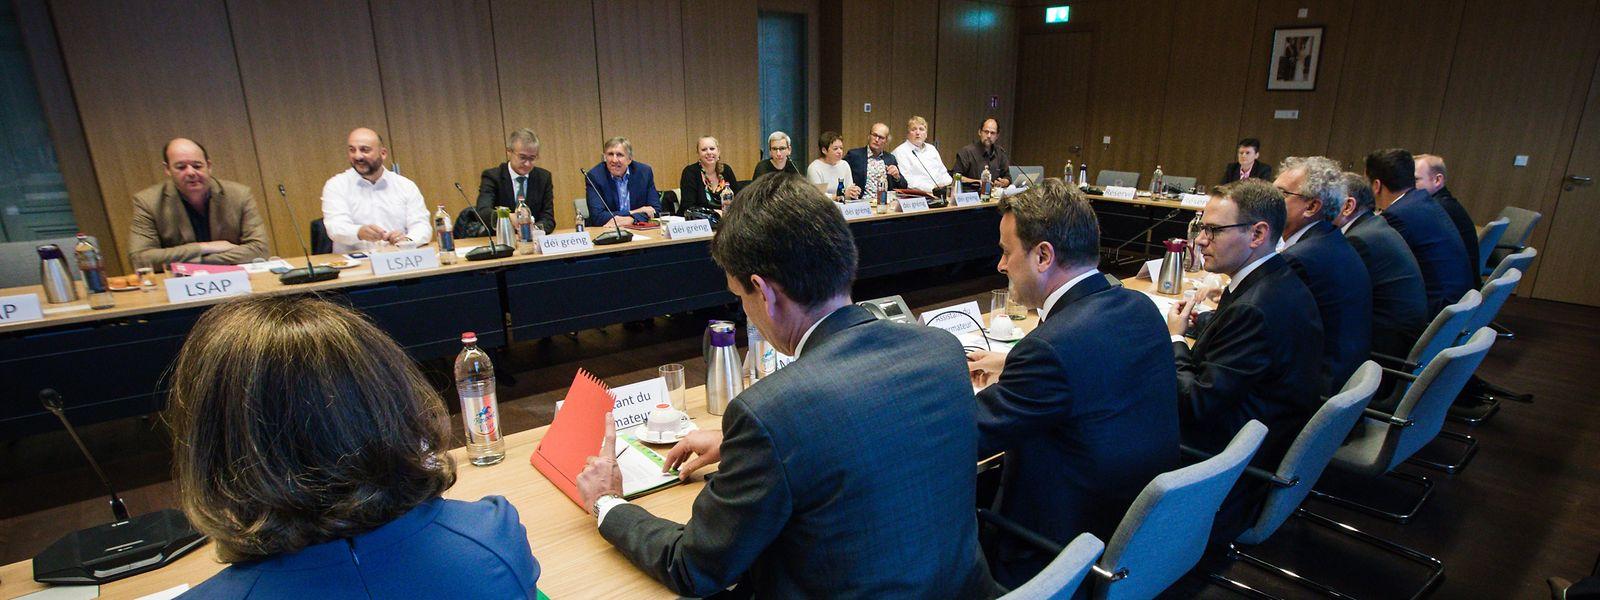 Runde 2 der Koalitionsverhandlungen: Finden DP, LSAP und Déi Gréng dieses Mal, trotz mehrerer Divergenzen, wieder den Konsens?